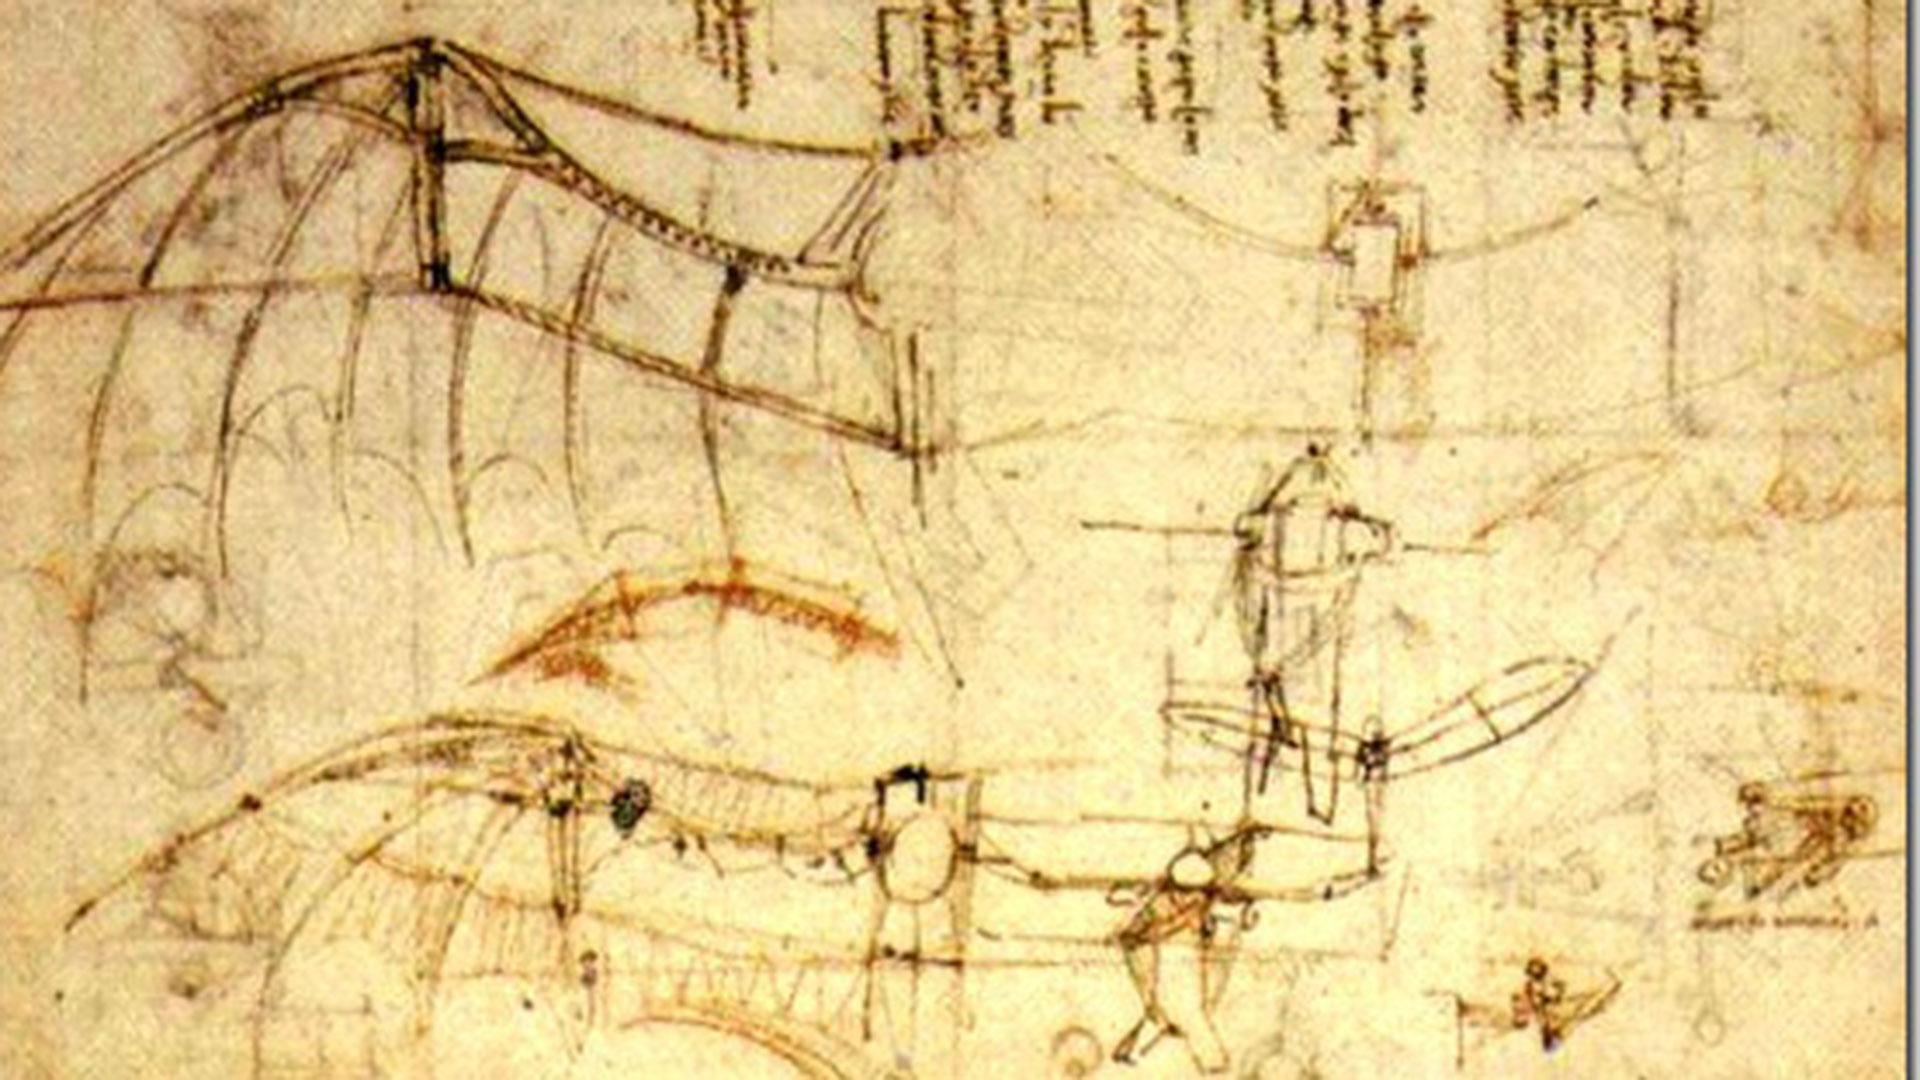 Los 10 Inventos Más Geniales De Leonardo Da Vinci Infobae